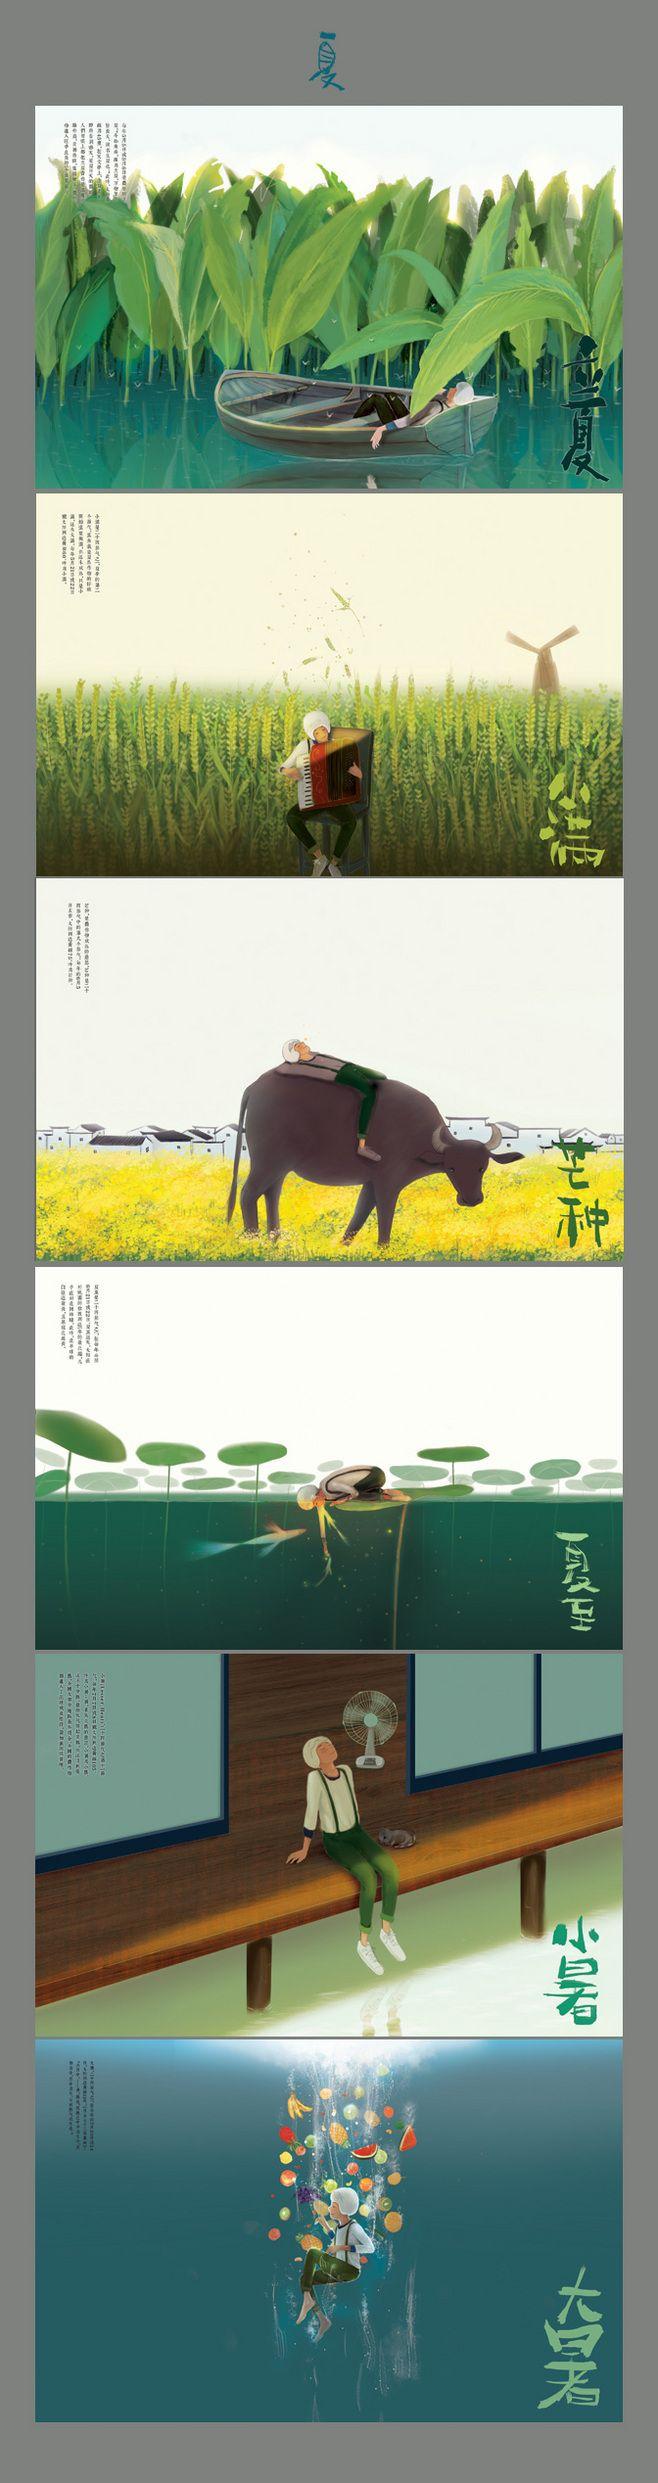 二十四节气 -商业插画-插画 by lo...